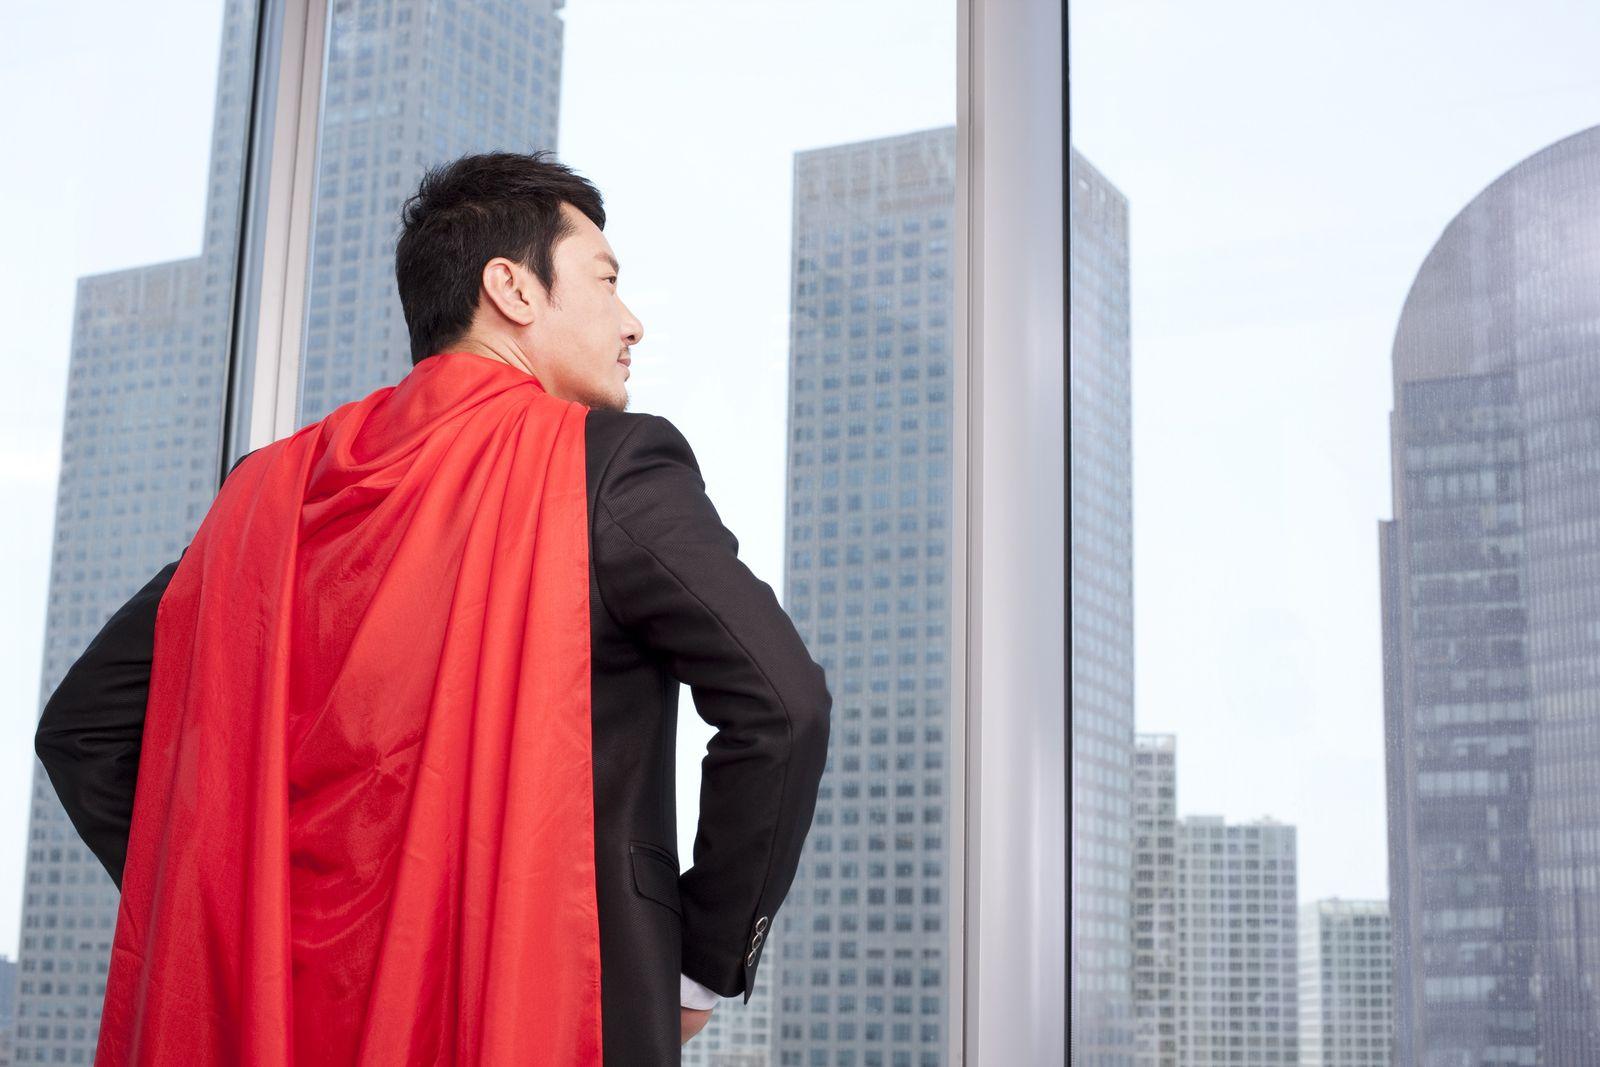 NICHT MEHR VERWENDEN! - Superheld / Gebäude / Roter Umhang